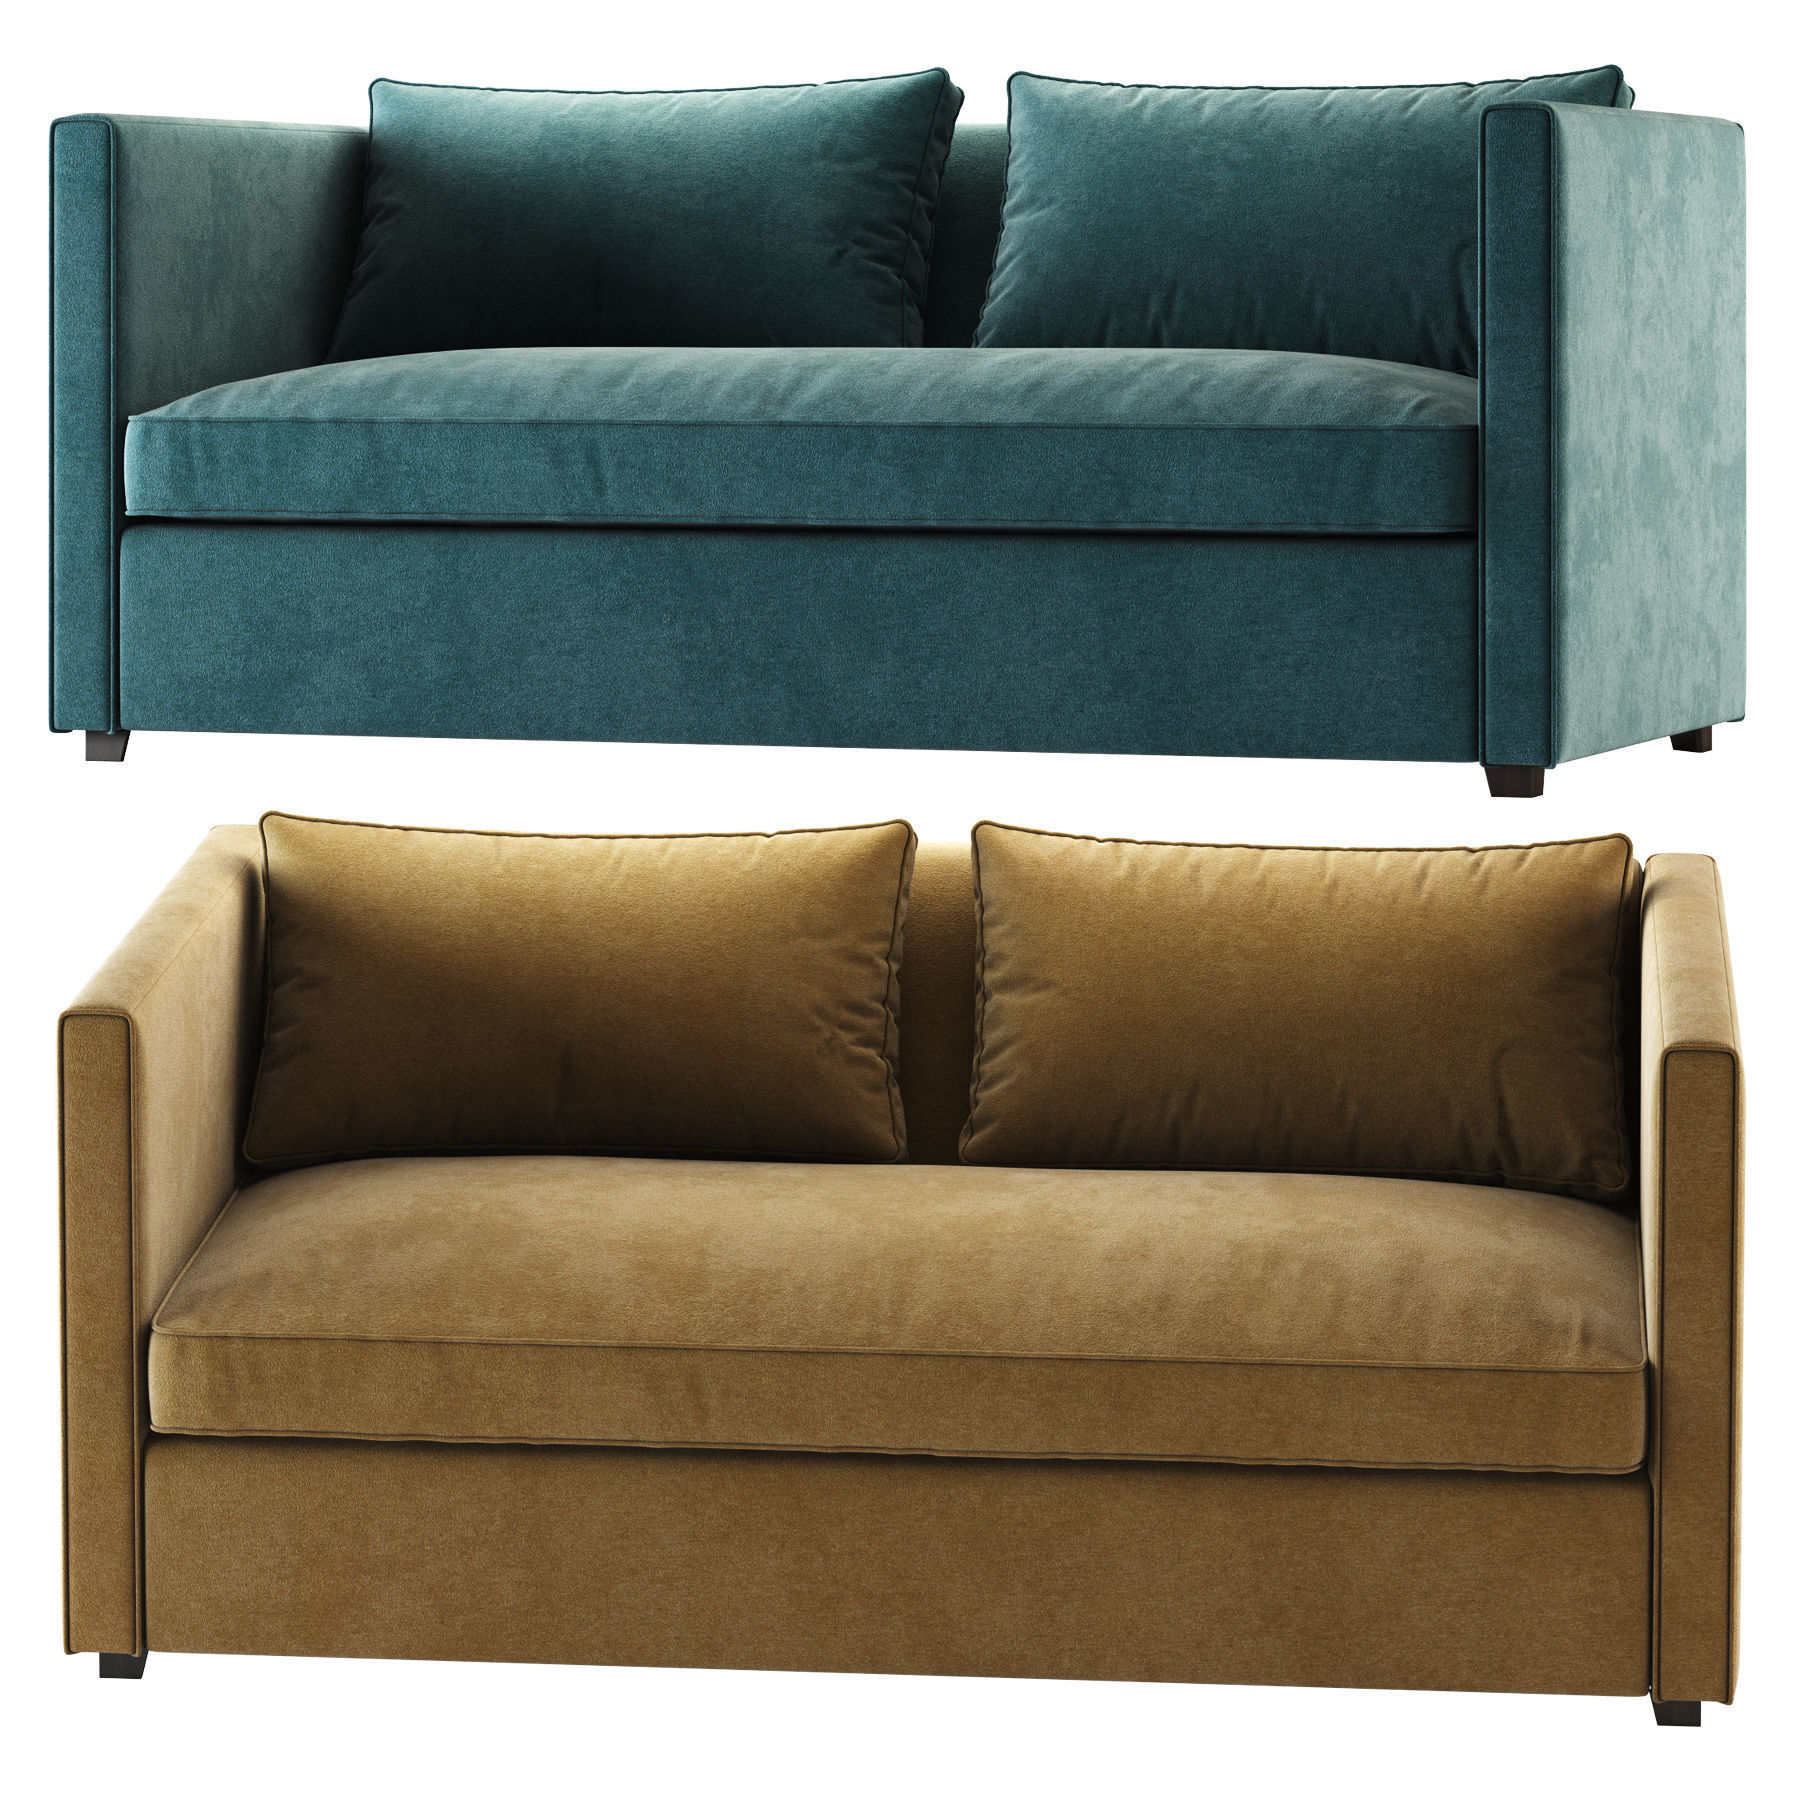 Crate and Barrel Torrey Sofa